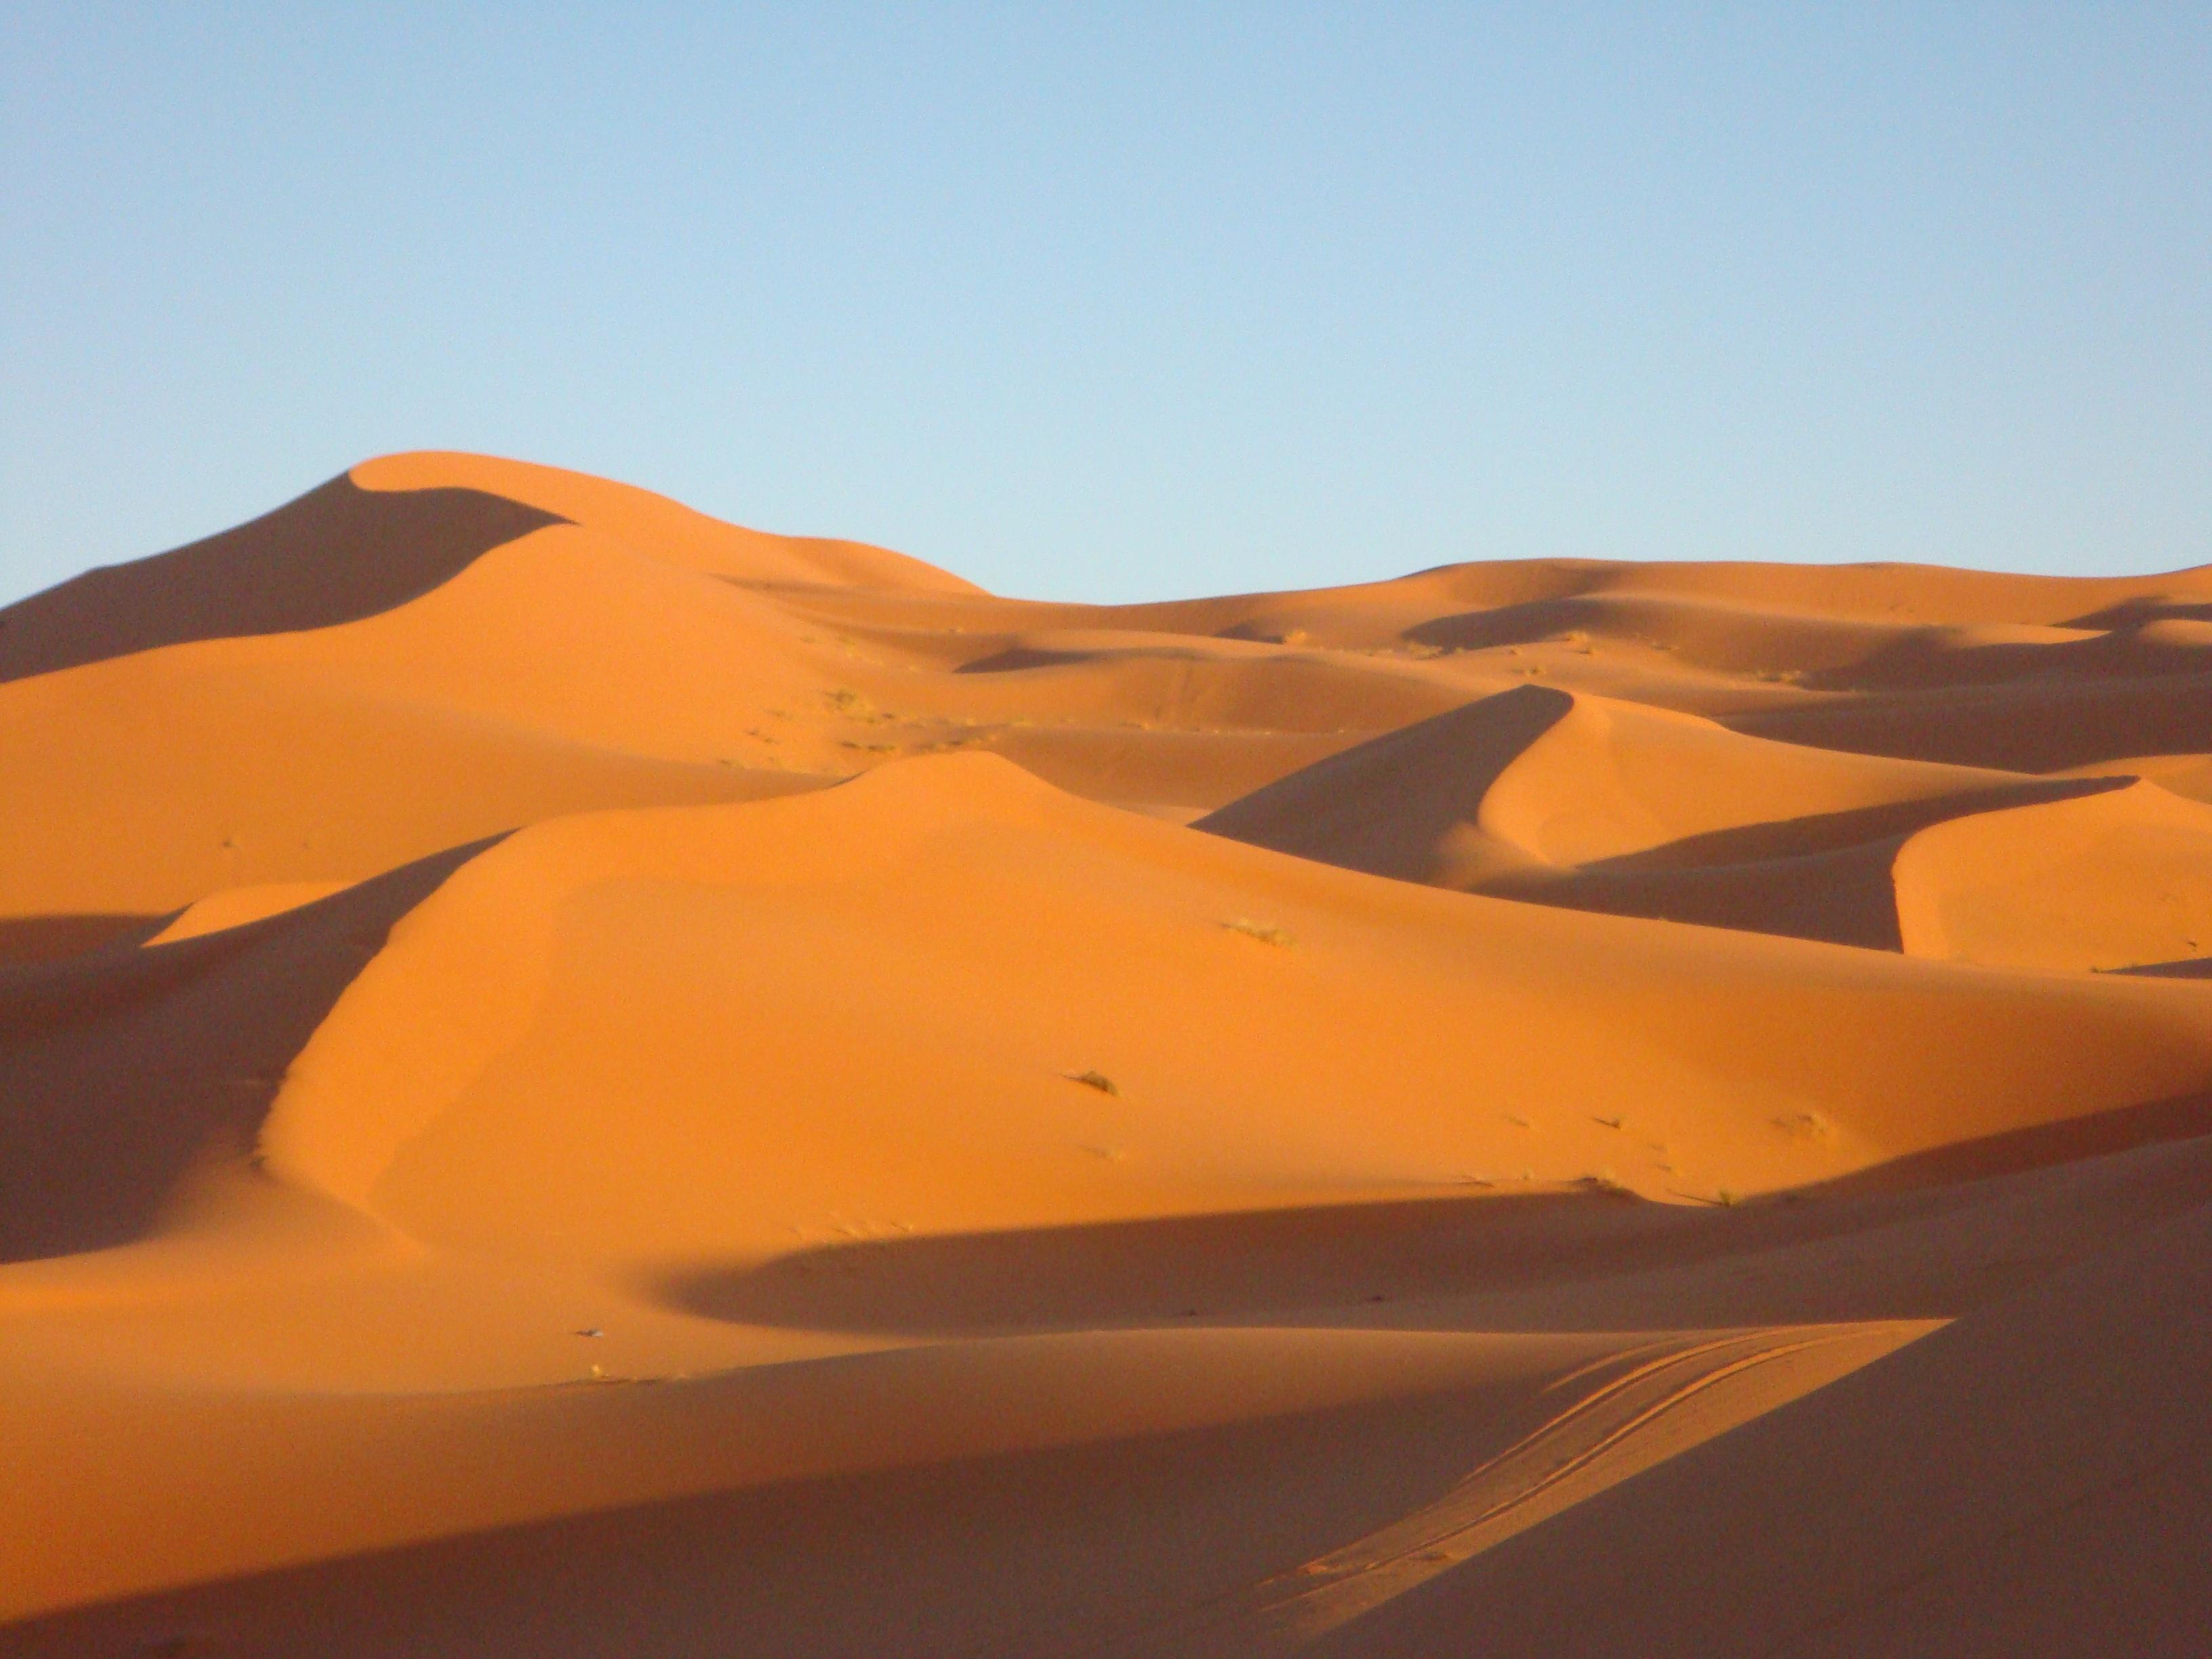 dune - photo #38